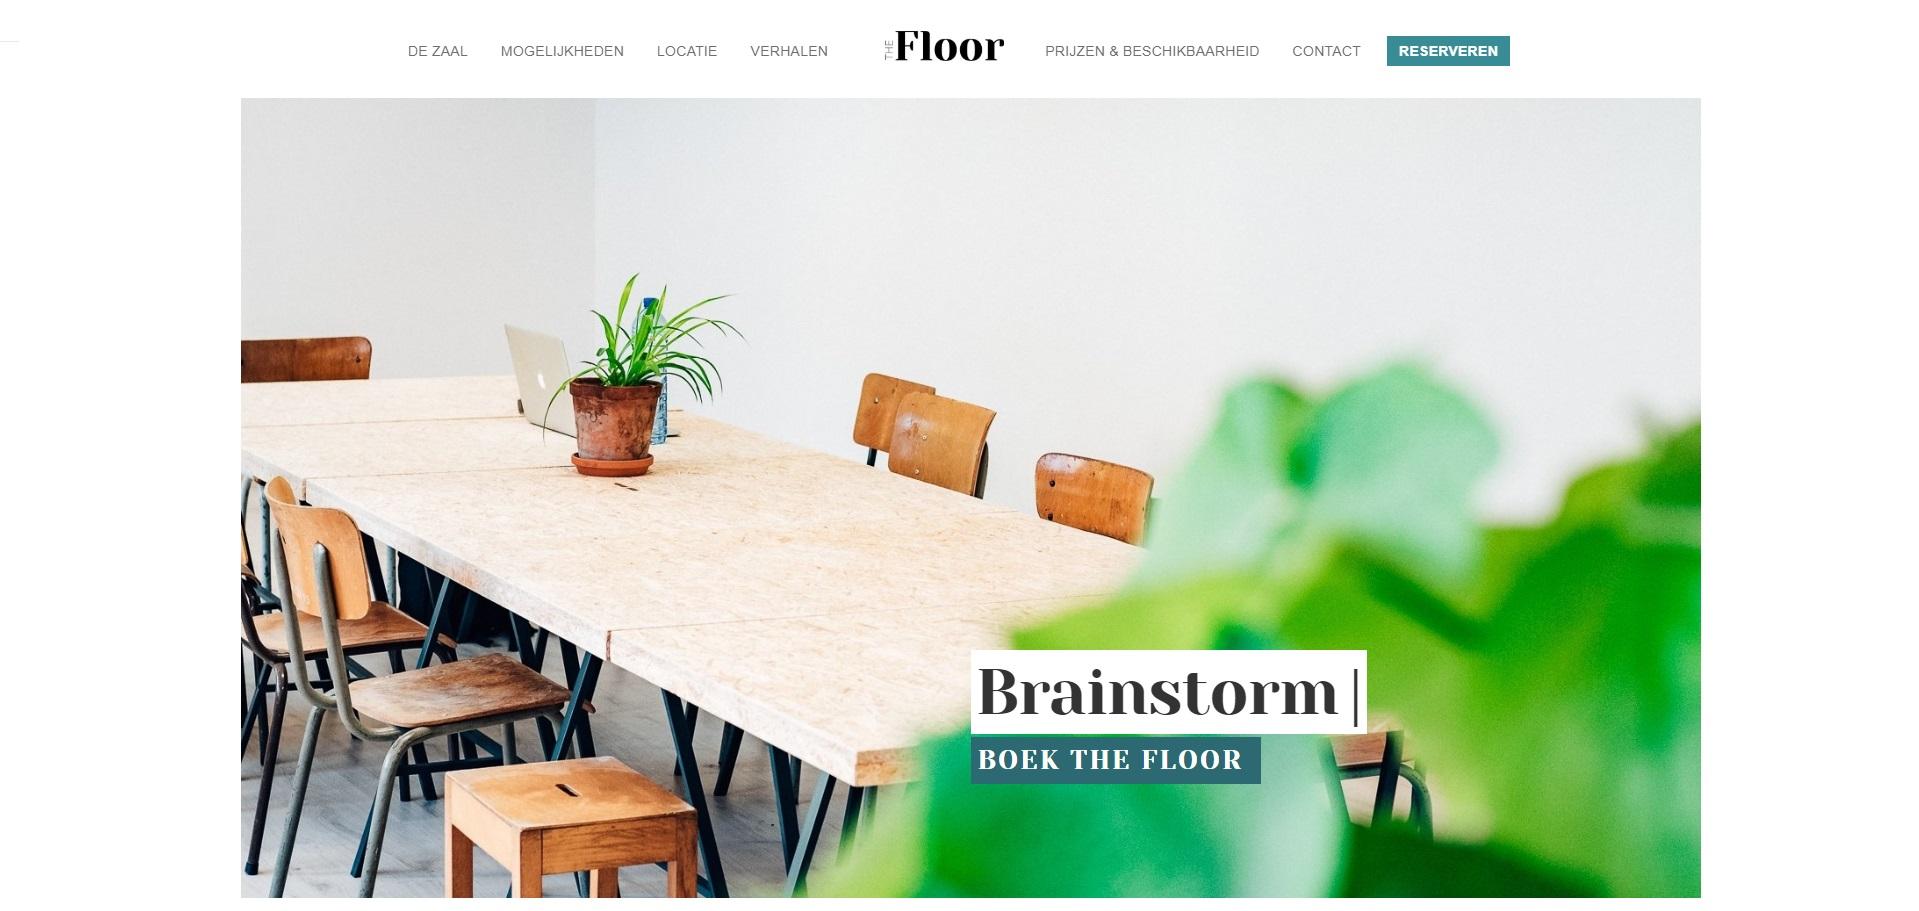 Webdesign voor zaal in Antwerpen